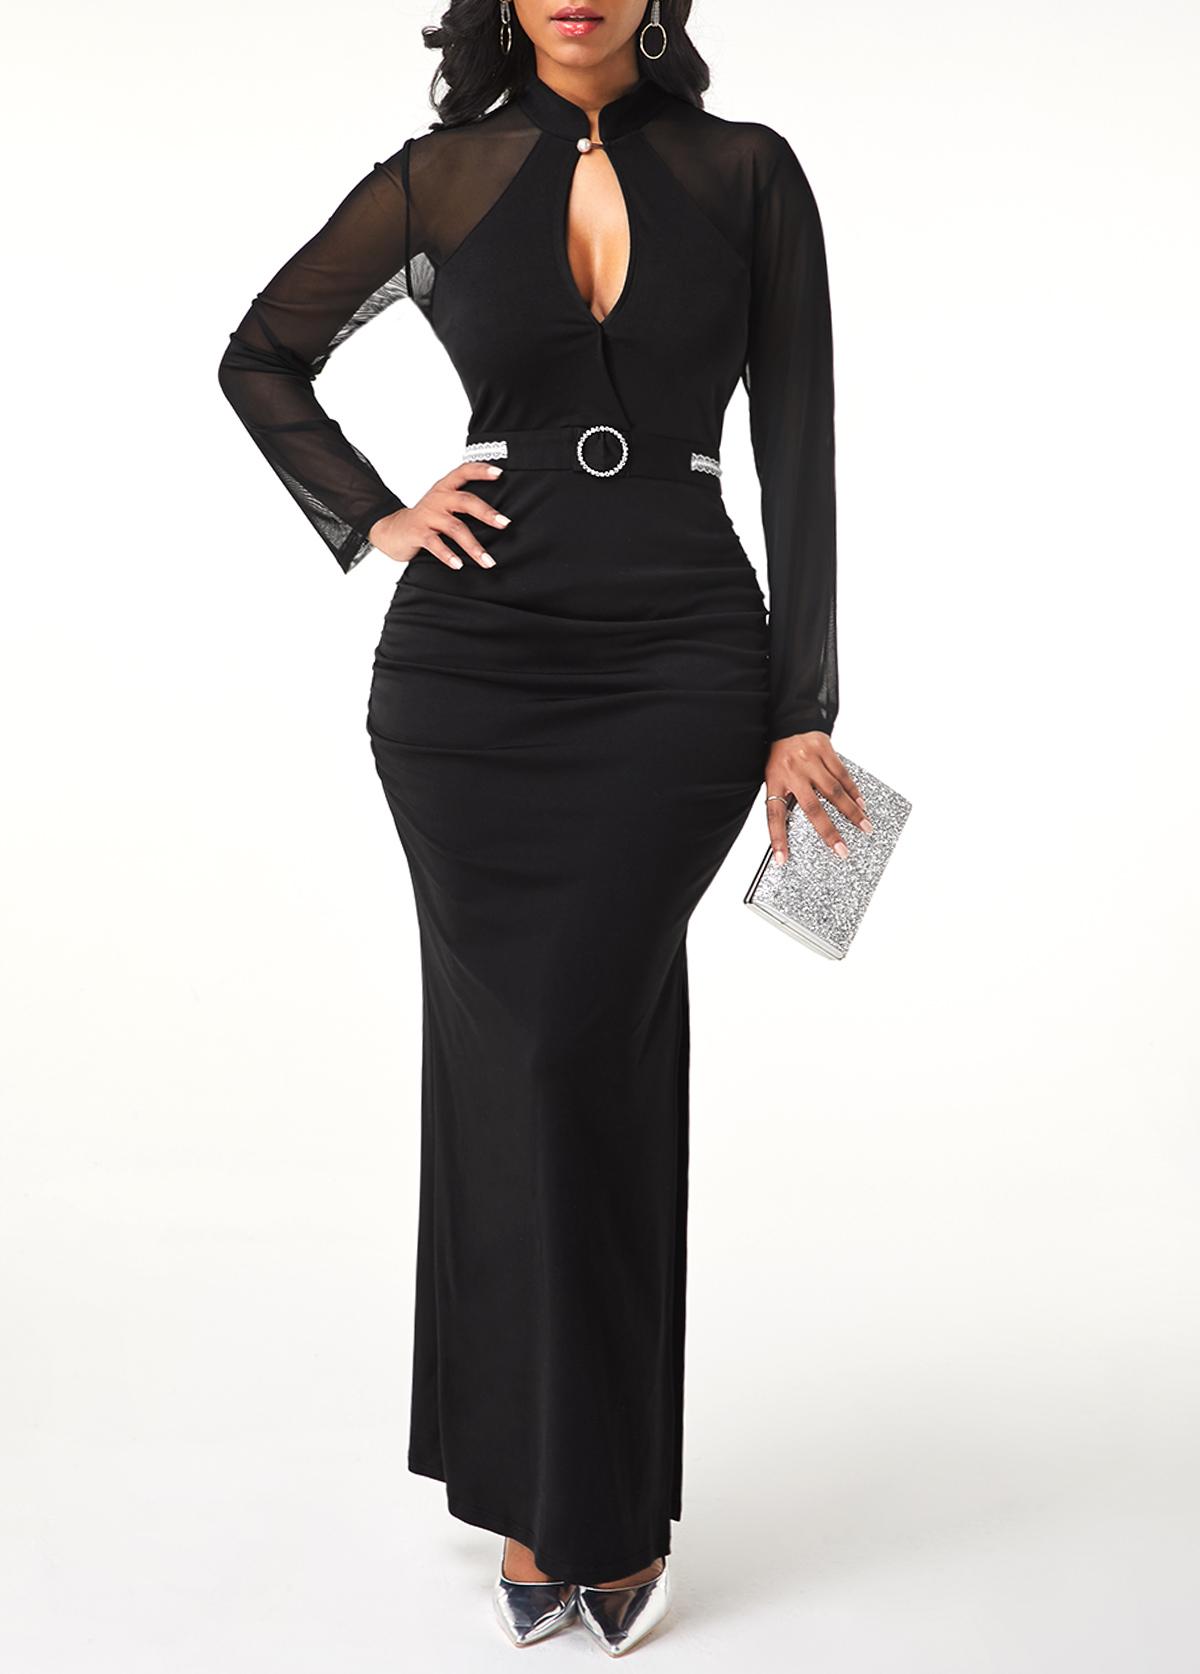 Side Slit Black Mesh Patchwork Dress